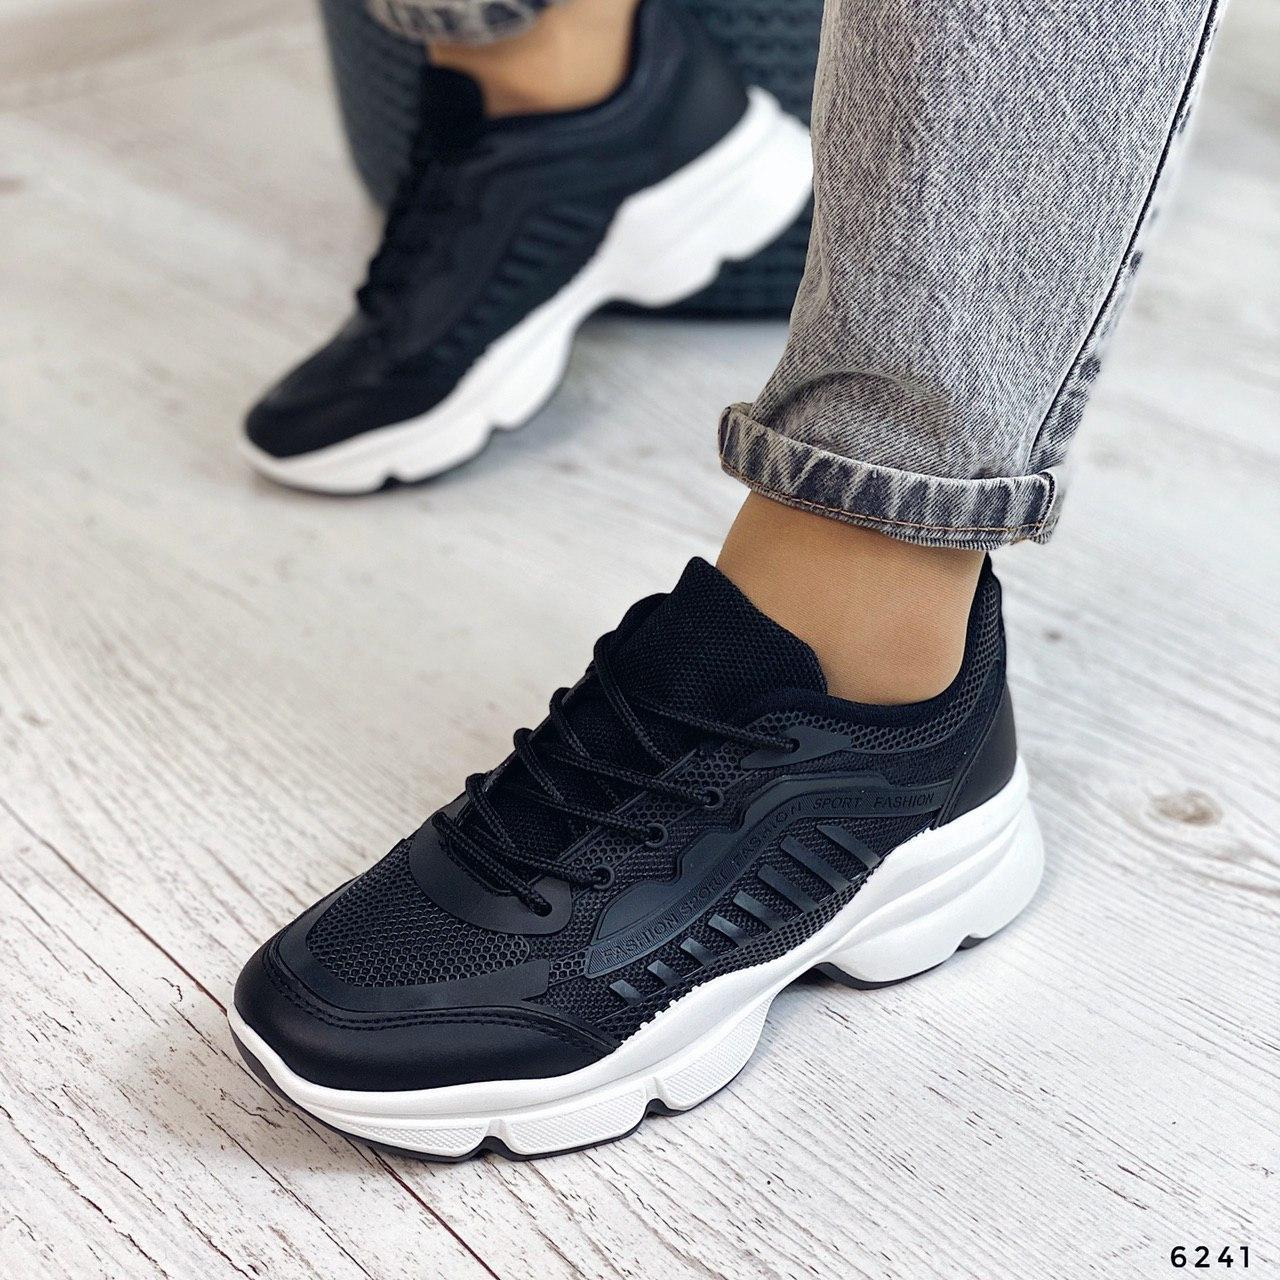 Кросівки жіночі чорні з еко шкіри. Кросівки жіночі білі